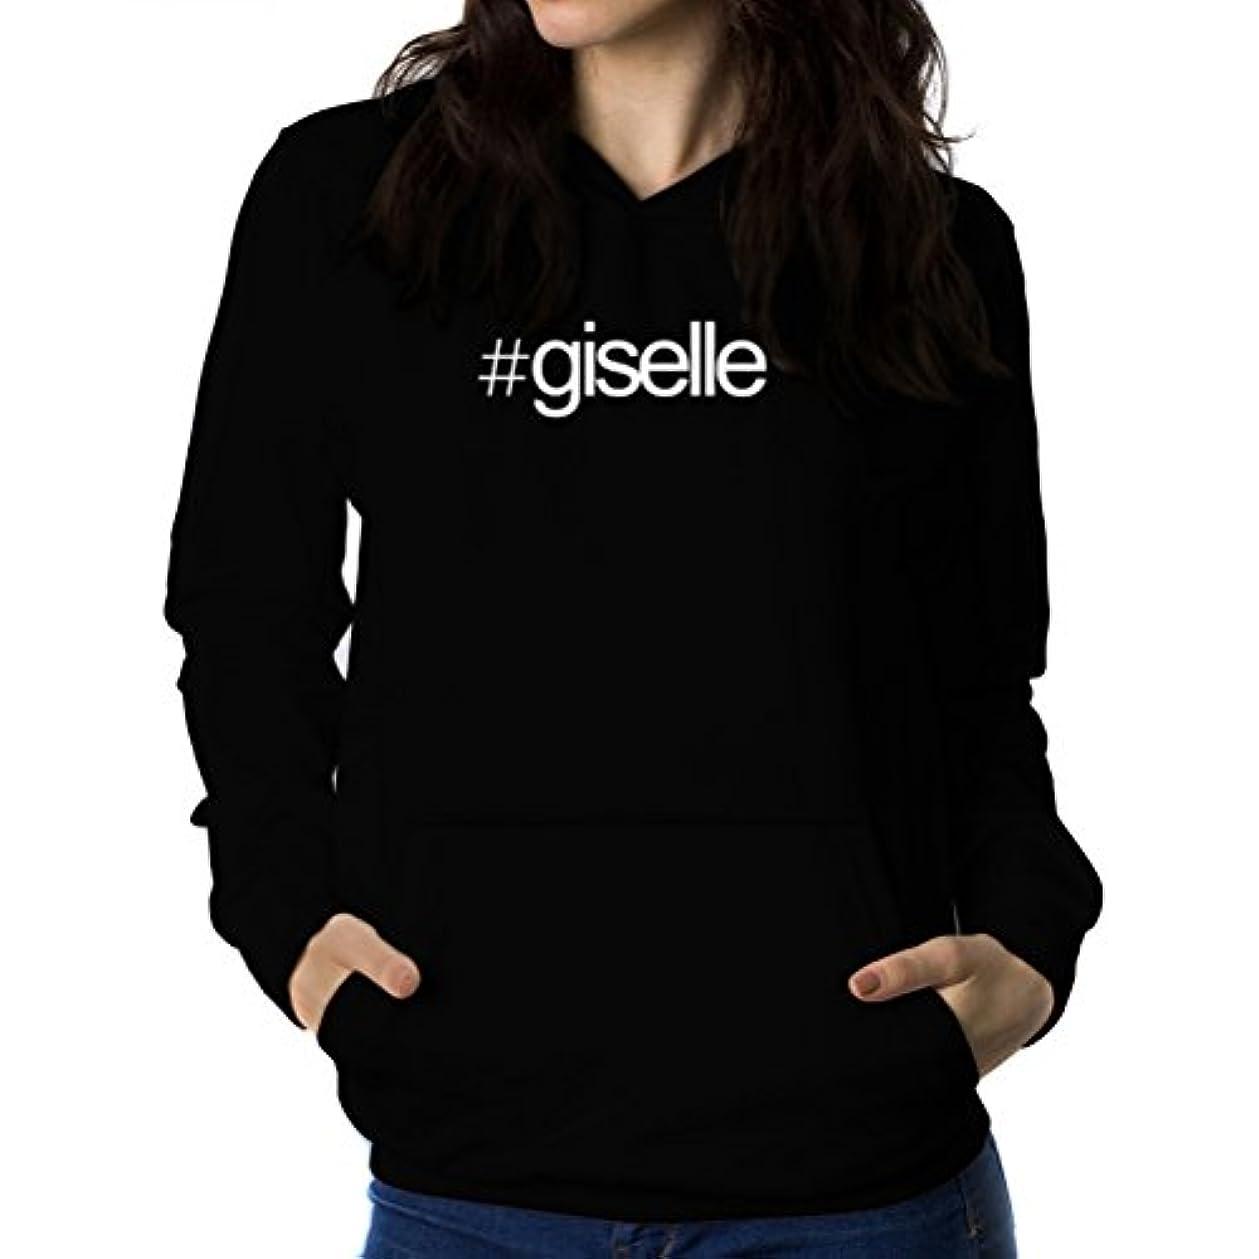 回復不規則な放送Hashtag Giselle 女性 フーディー